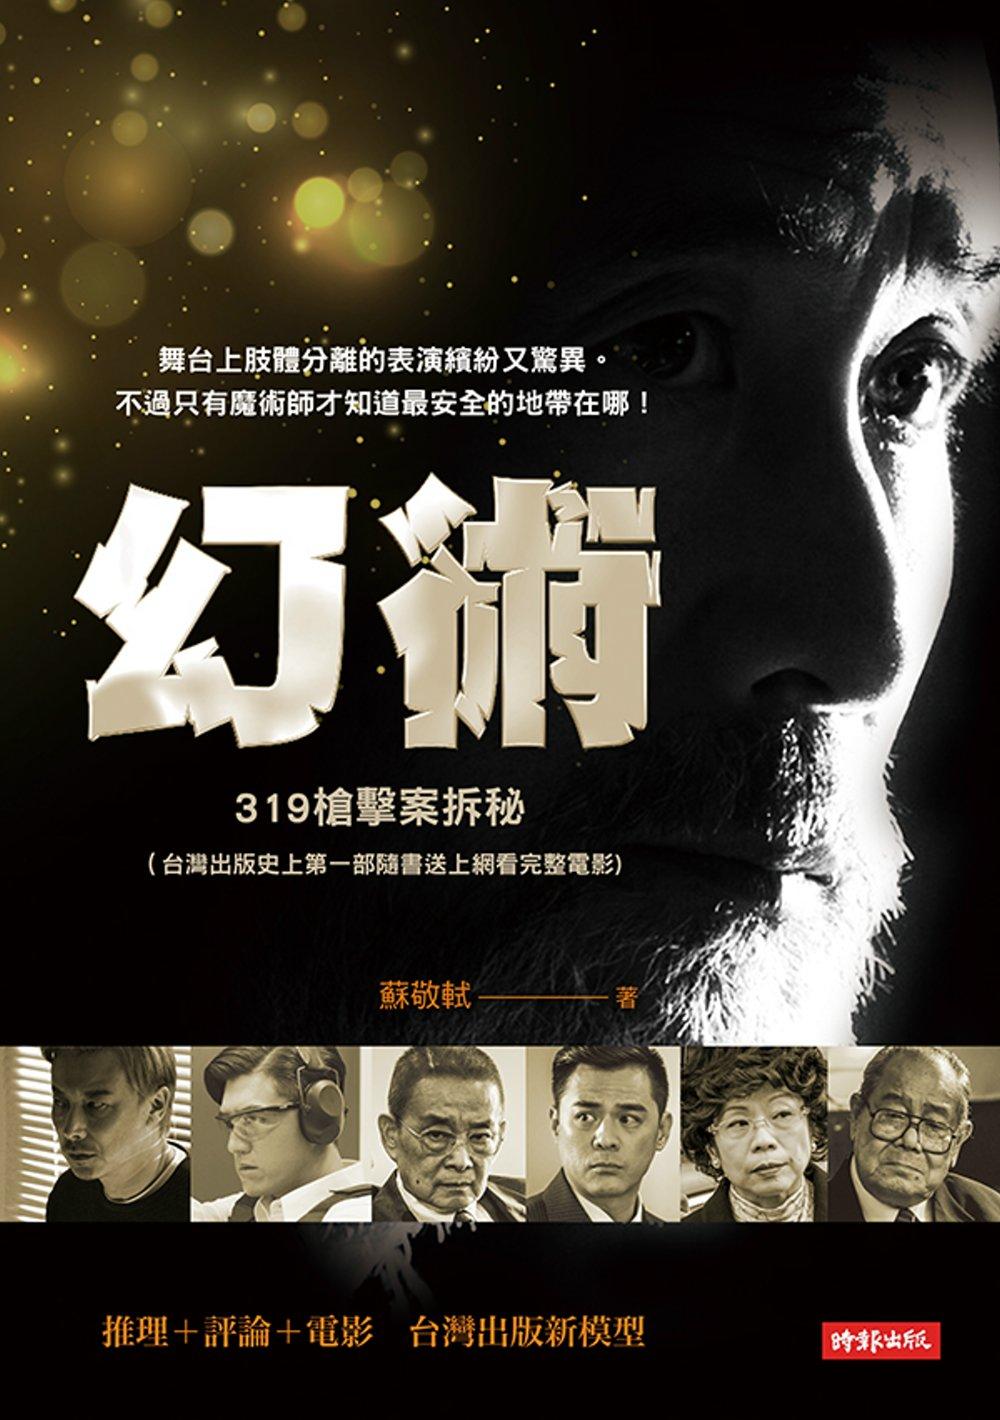 幻術:319槍擊案拆秘(台灣出版史上第一部隨書送上網看完整電影)